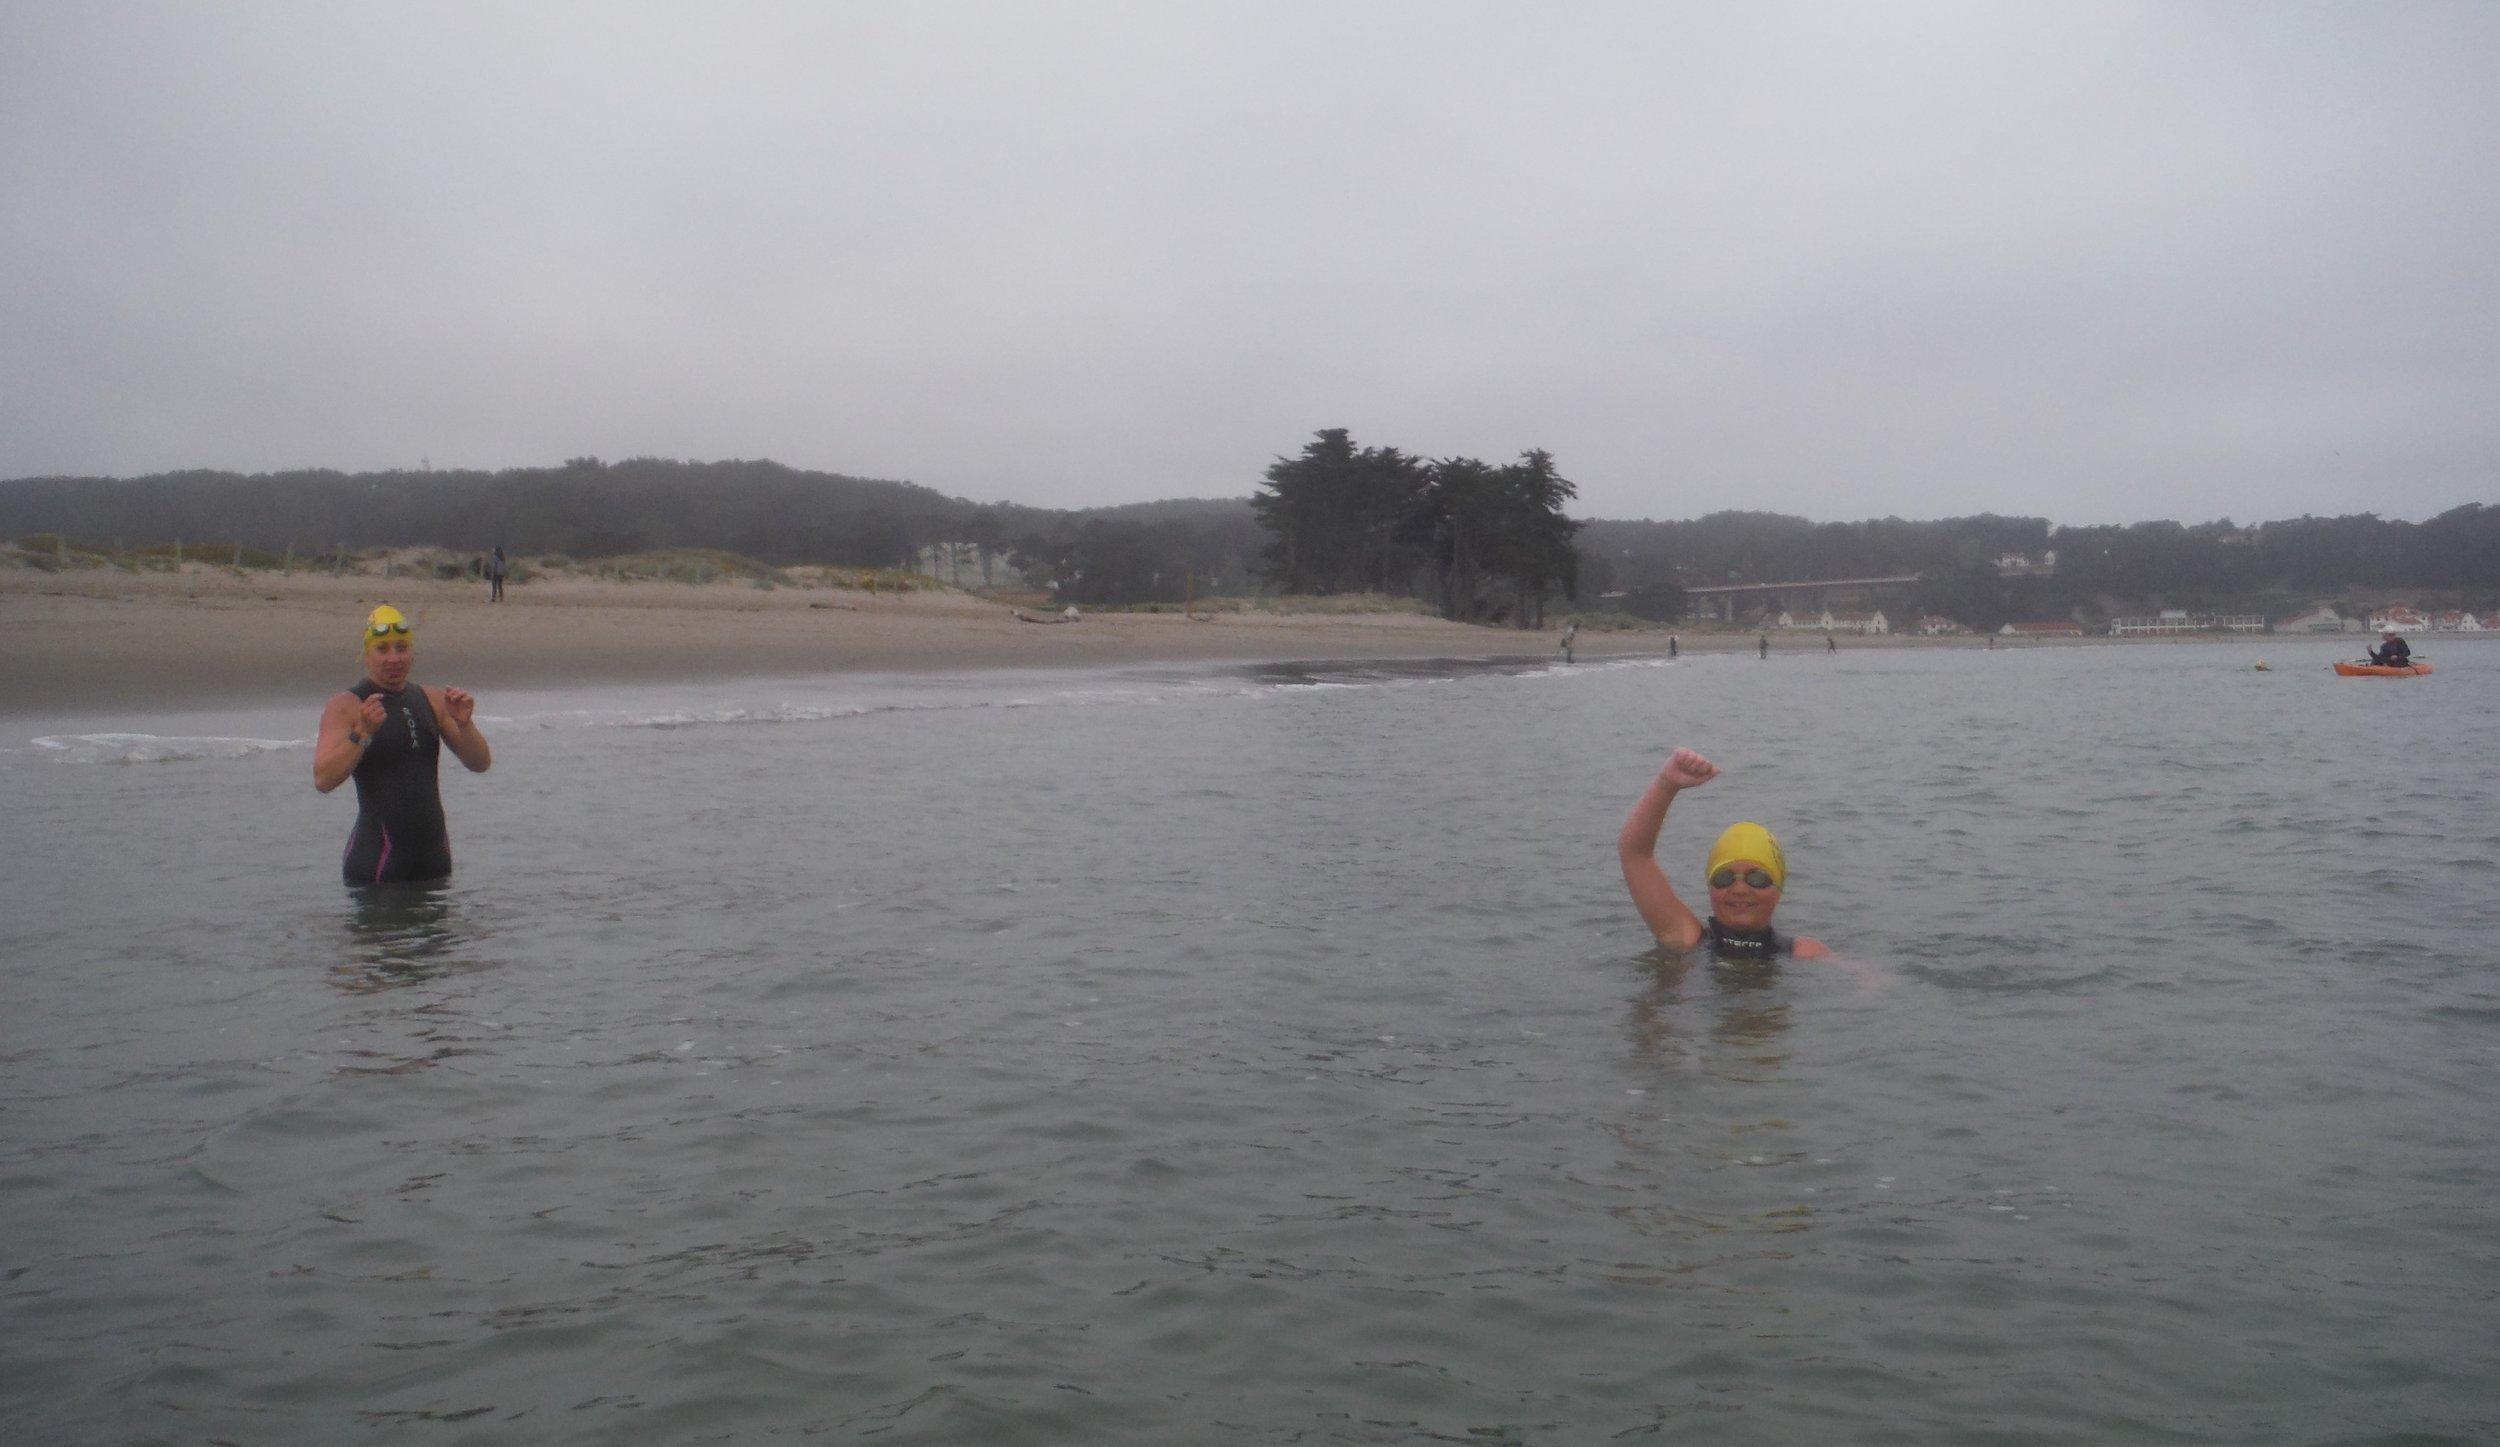 Ryan finished Alcatraz Odyssey